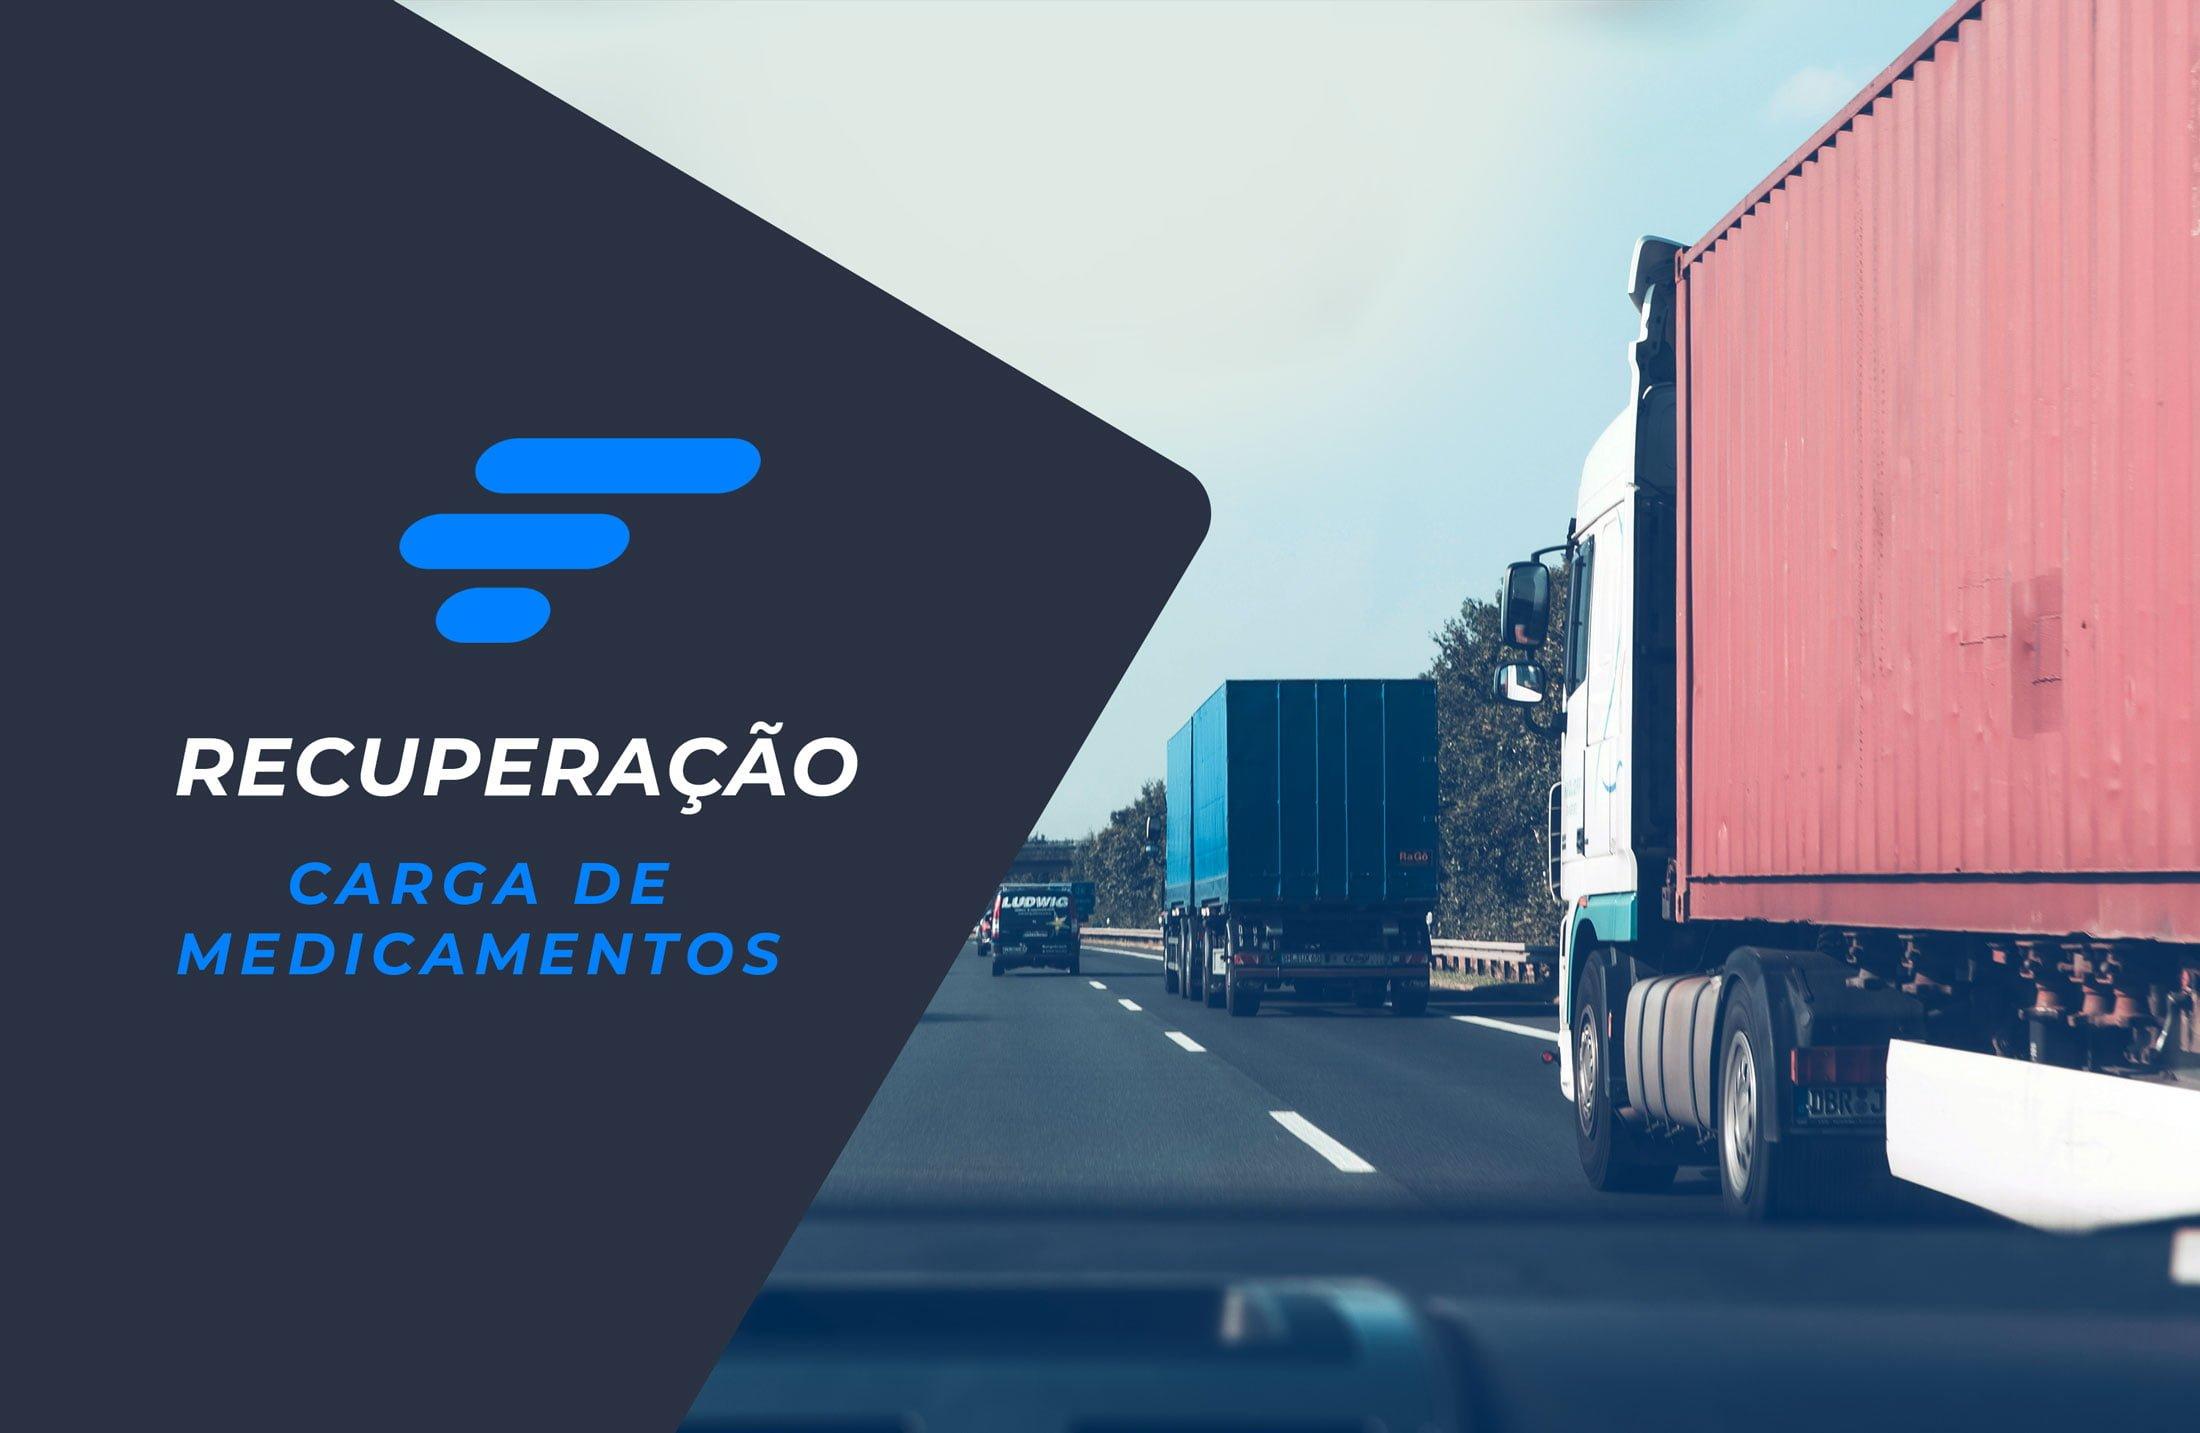 Skymark Gerenciadora de Risco recupera carga de medicamentos avaliada em R$ 1.400.00,00